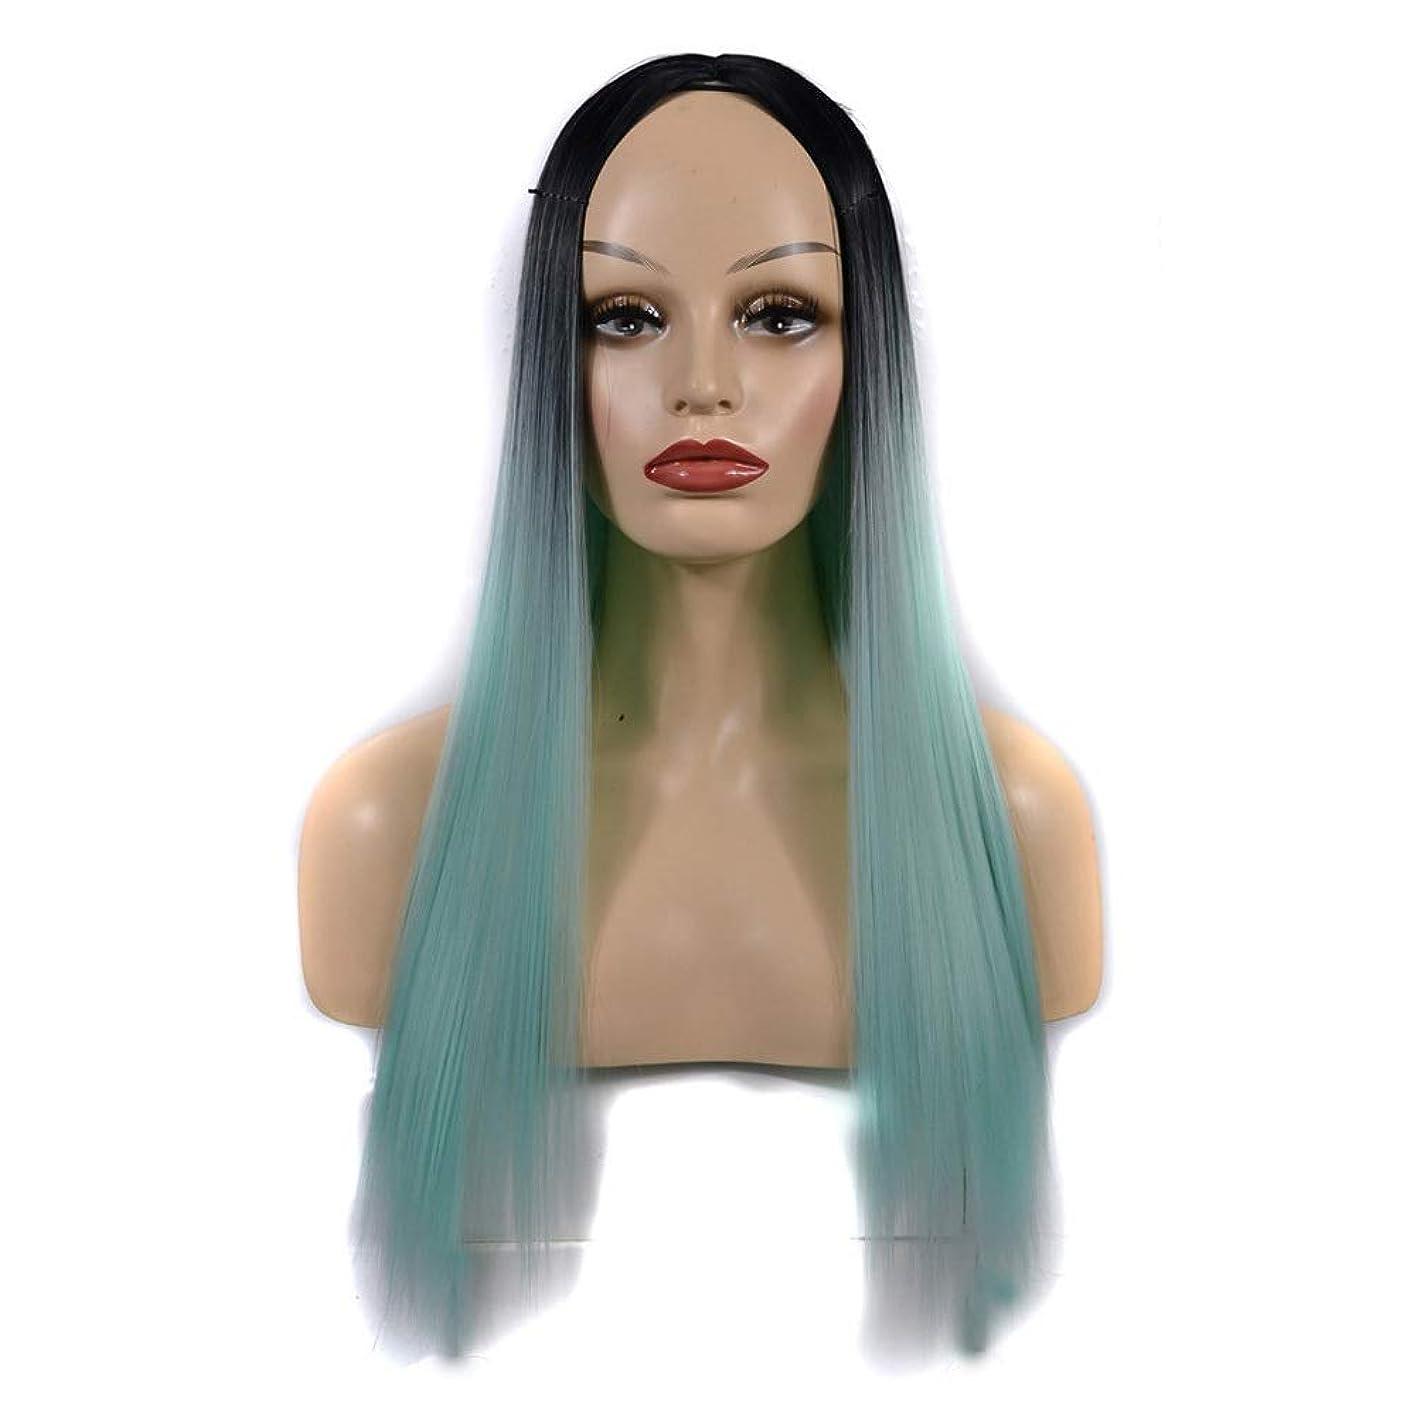 作成者元気内なるHOHYLLYA 女性のための合成かつら黒髪の根緑の長いストレートの髪自然なパーティー用ウィッグ (色 : オレンジ, サイズ : 60cm)